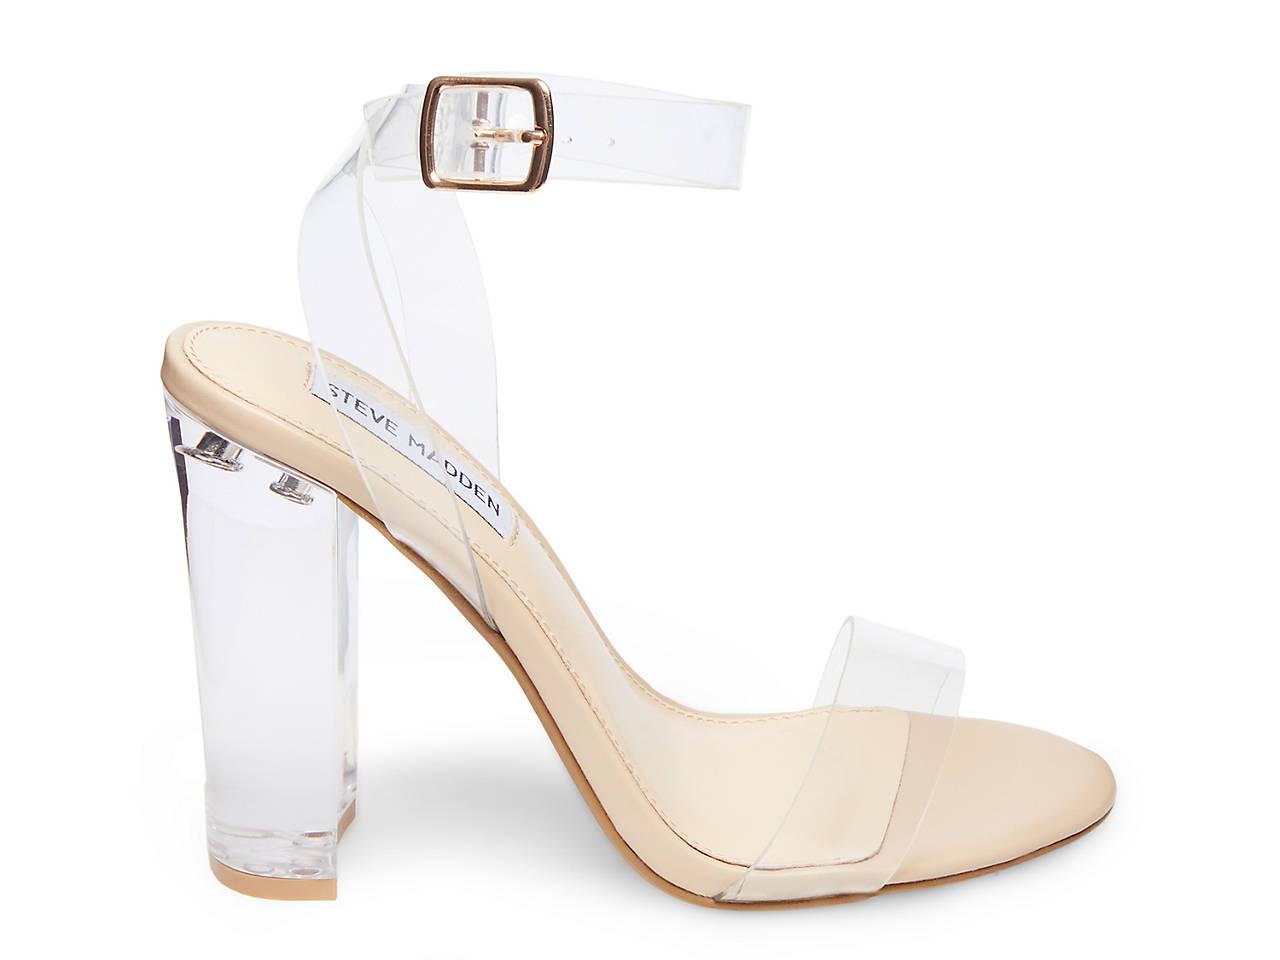 c793bb44ce4 Steve Madden Camille Sandal Men s Shoes